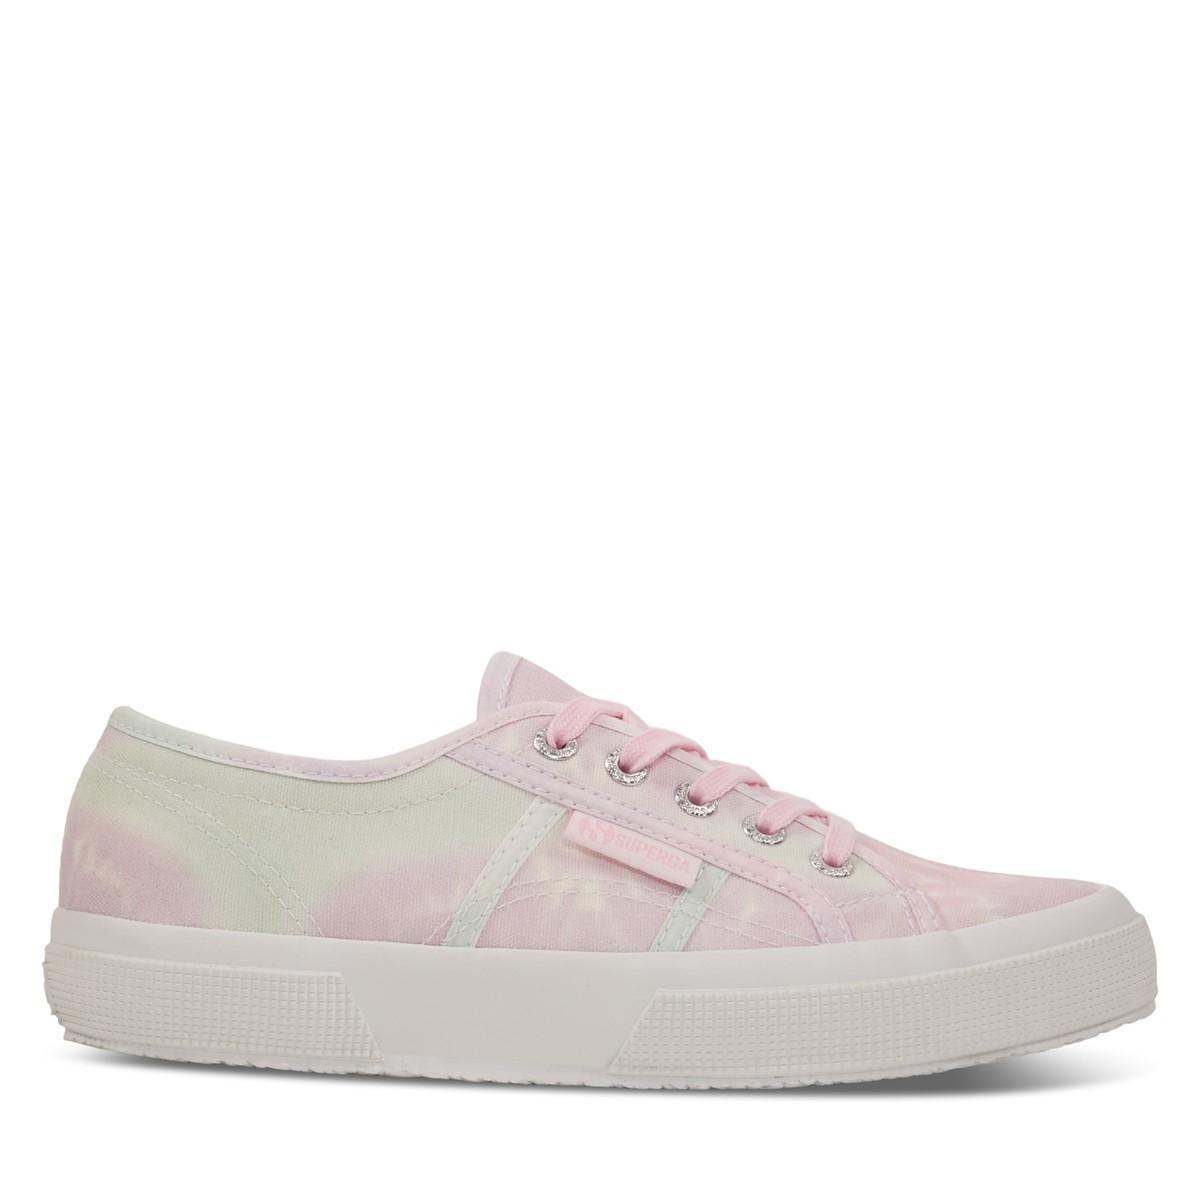 Women's 2750 Cotu Tie-Dye Sneakers in Pink